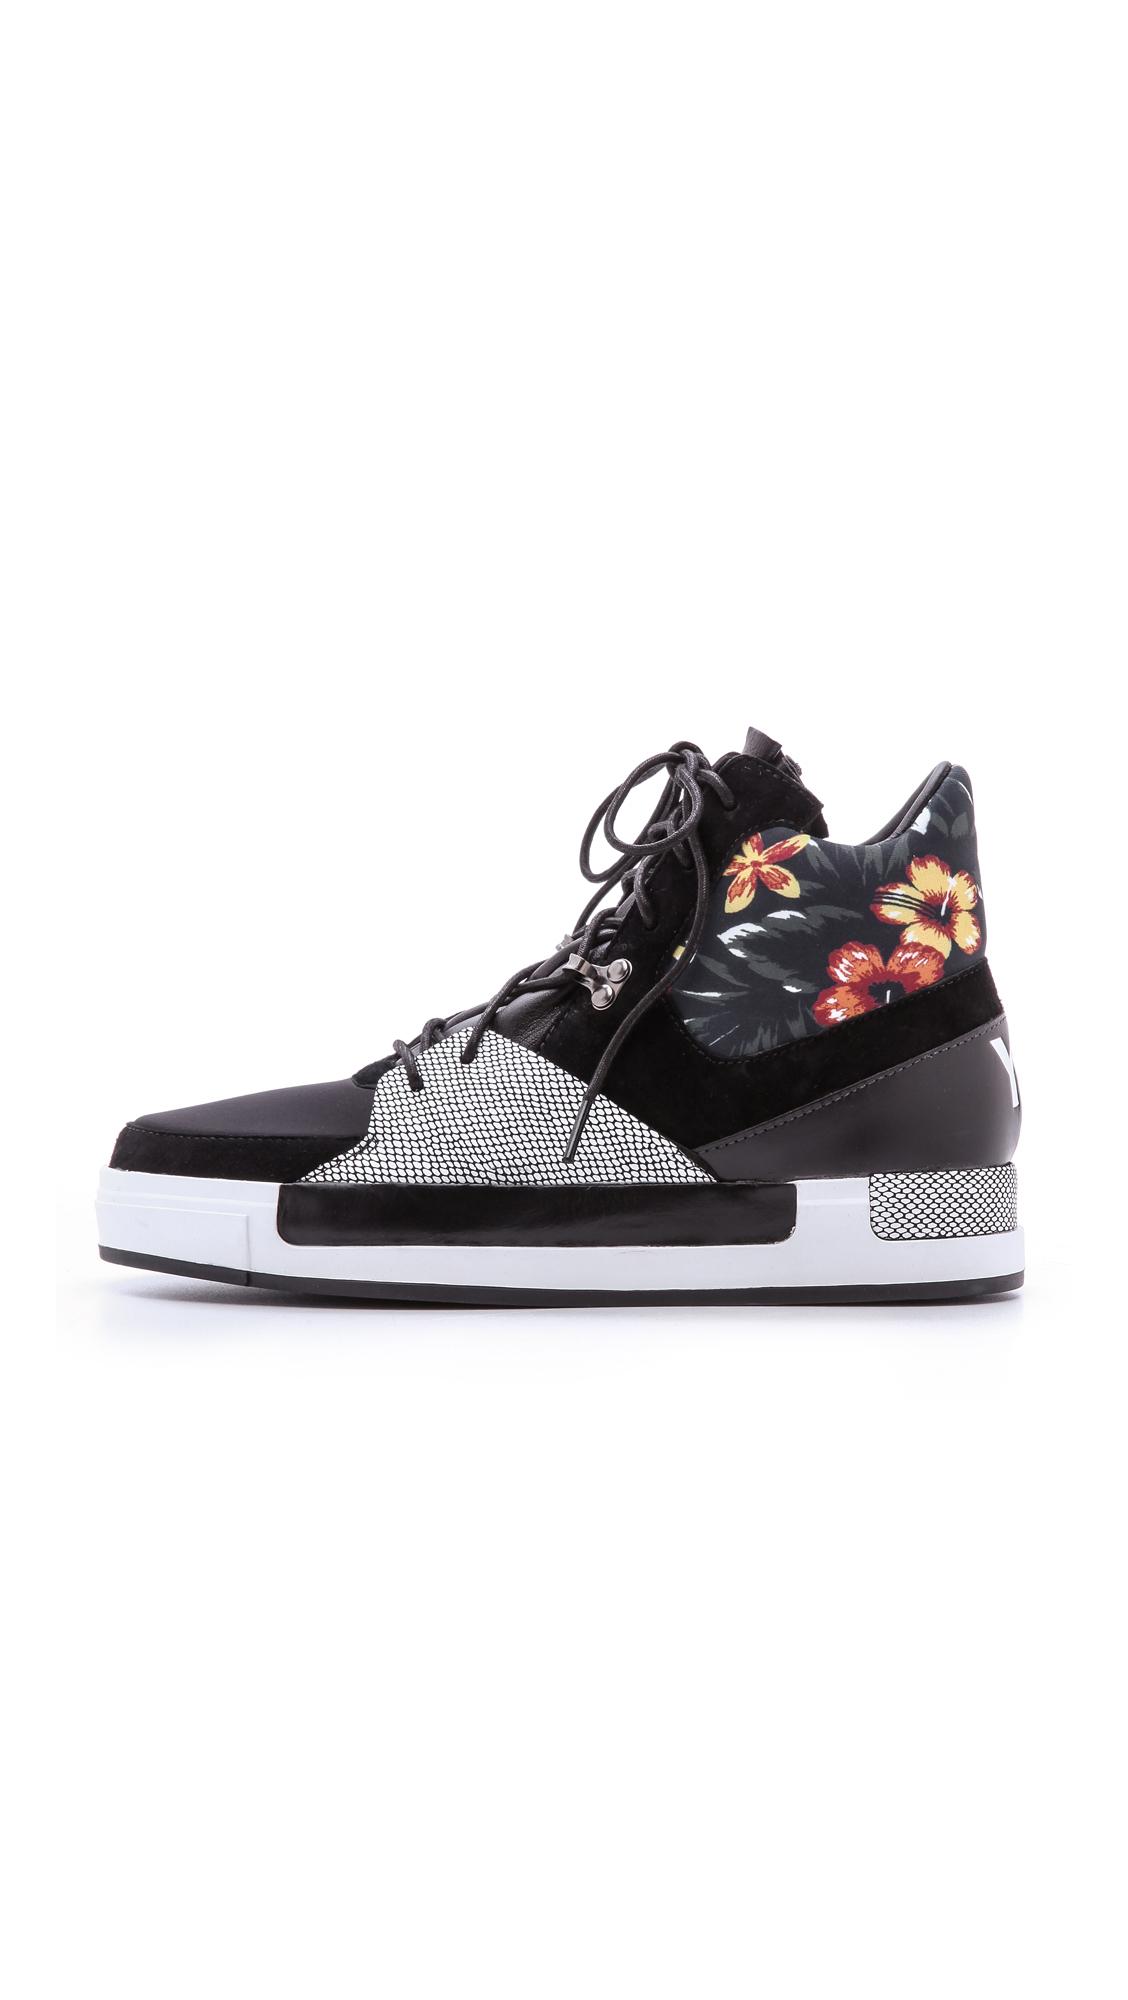 Y-3 Riyal Ii High Top Sneakers - Black/Graphic/White